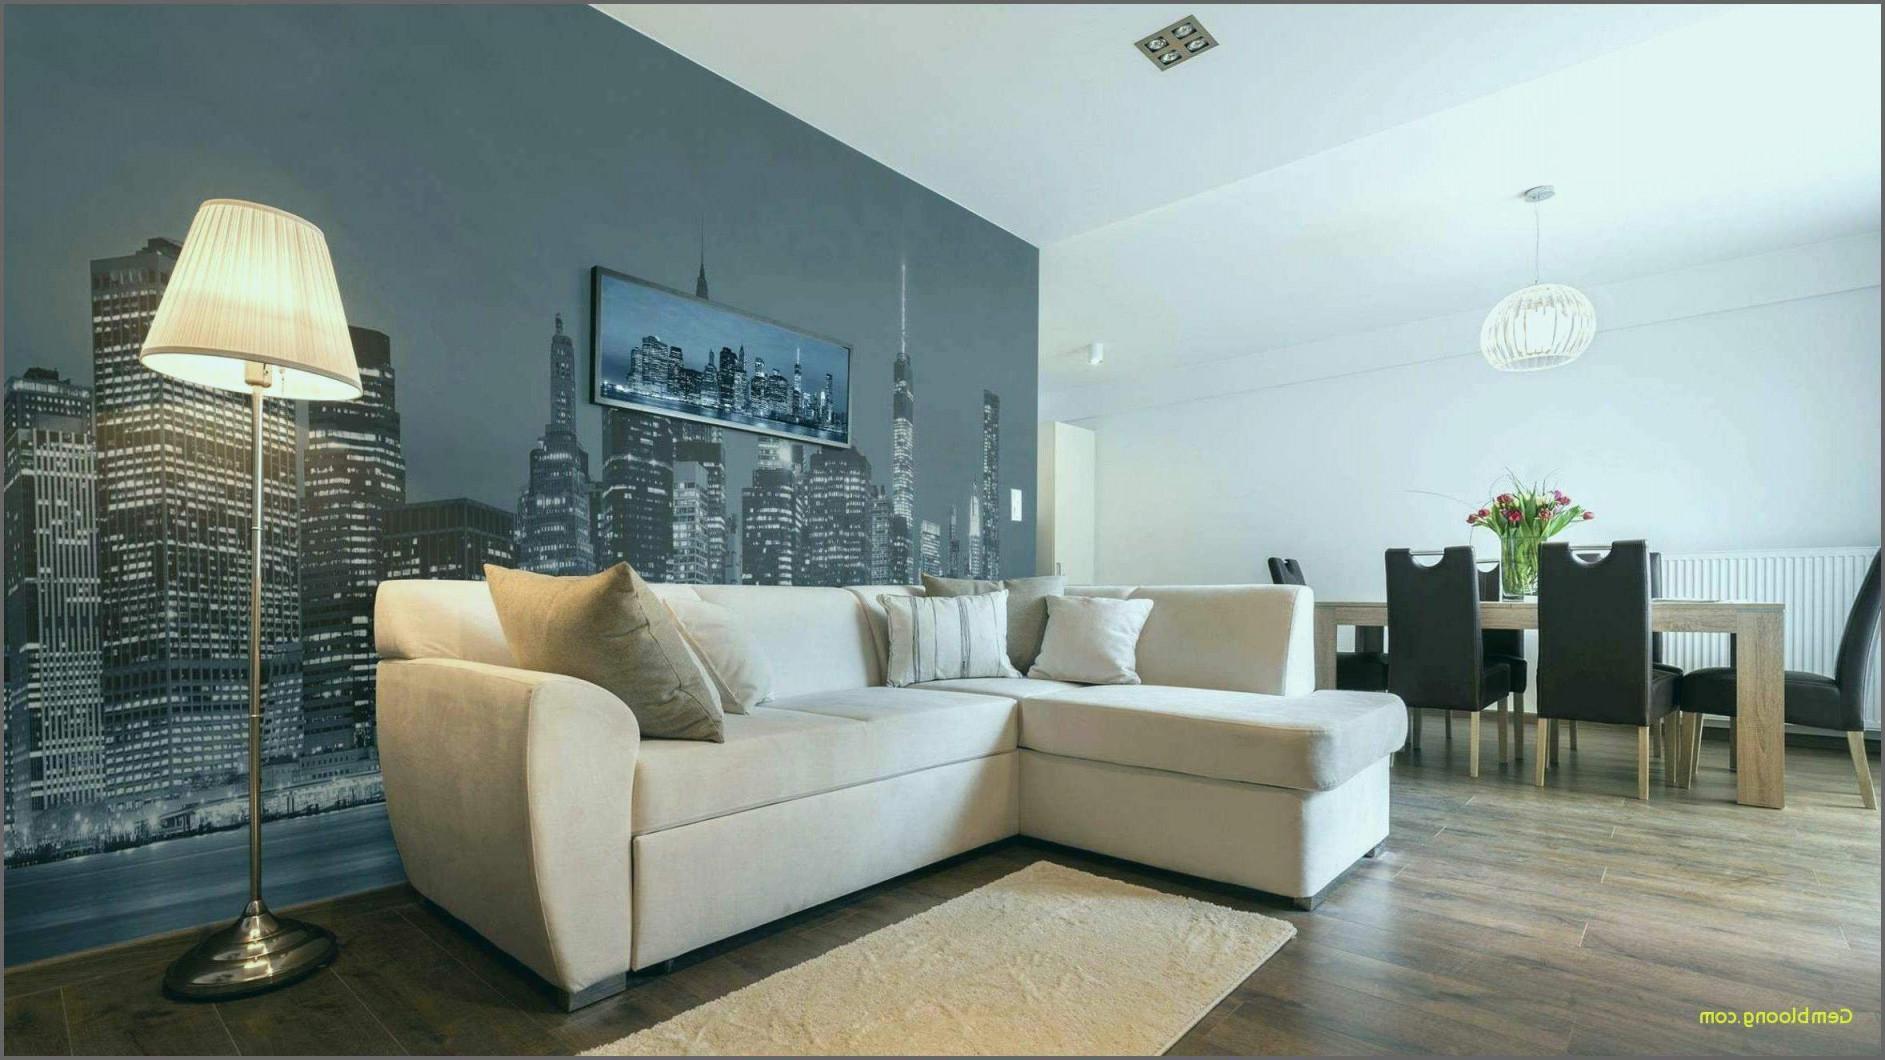 29 Reizend Wohnzimmer Deko Online Shop Inspirierend von Wanddeko Wohnzimmer Bilder Bild